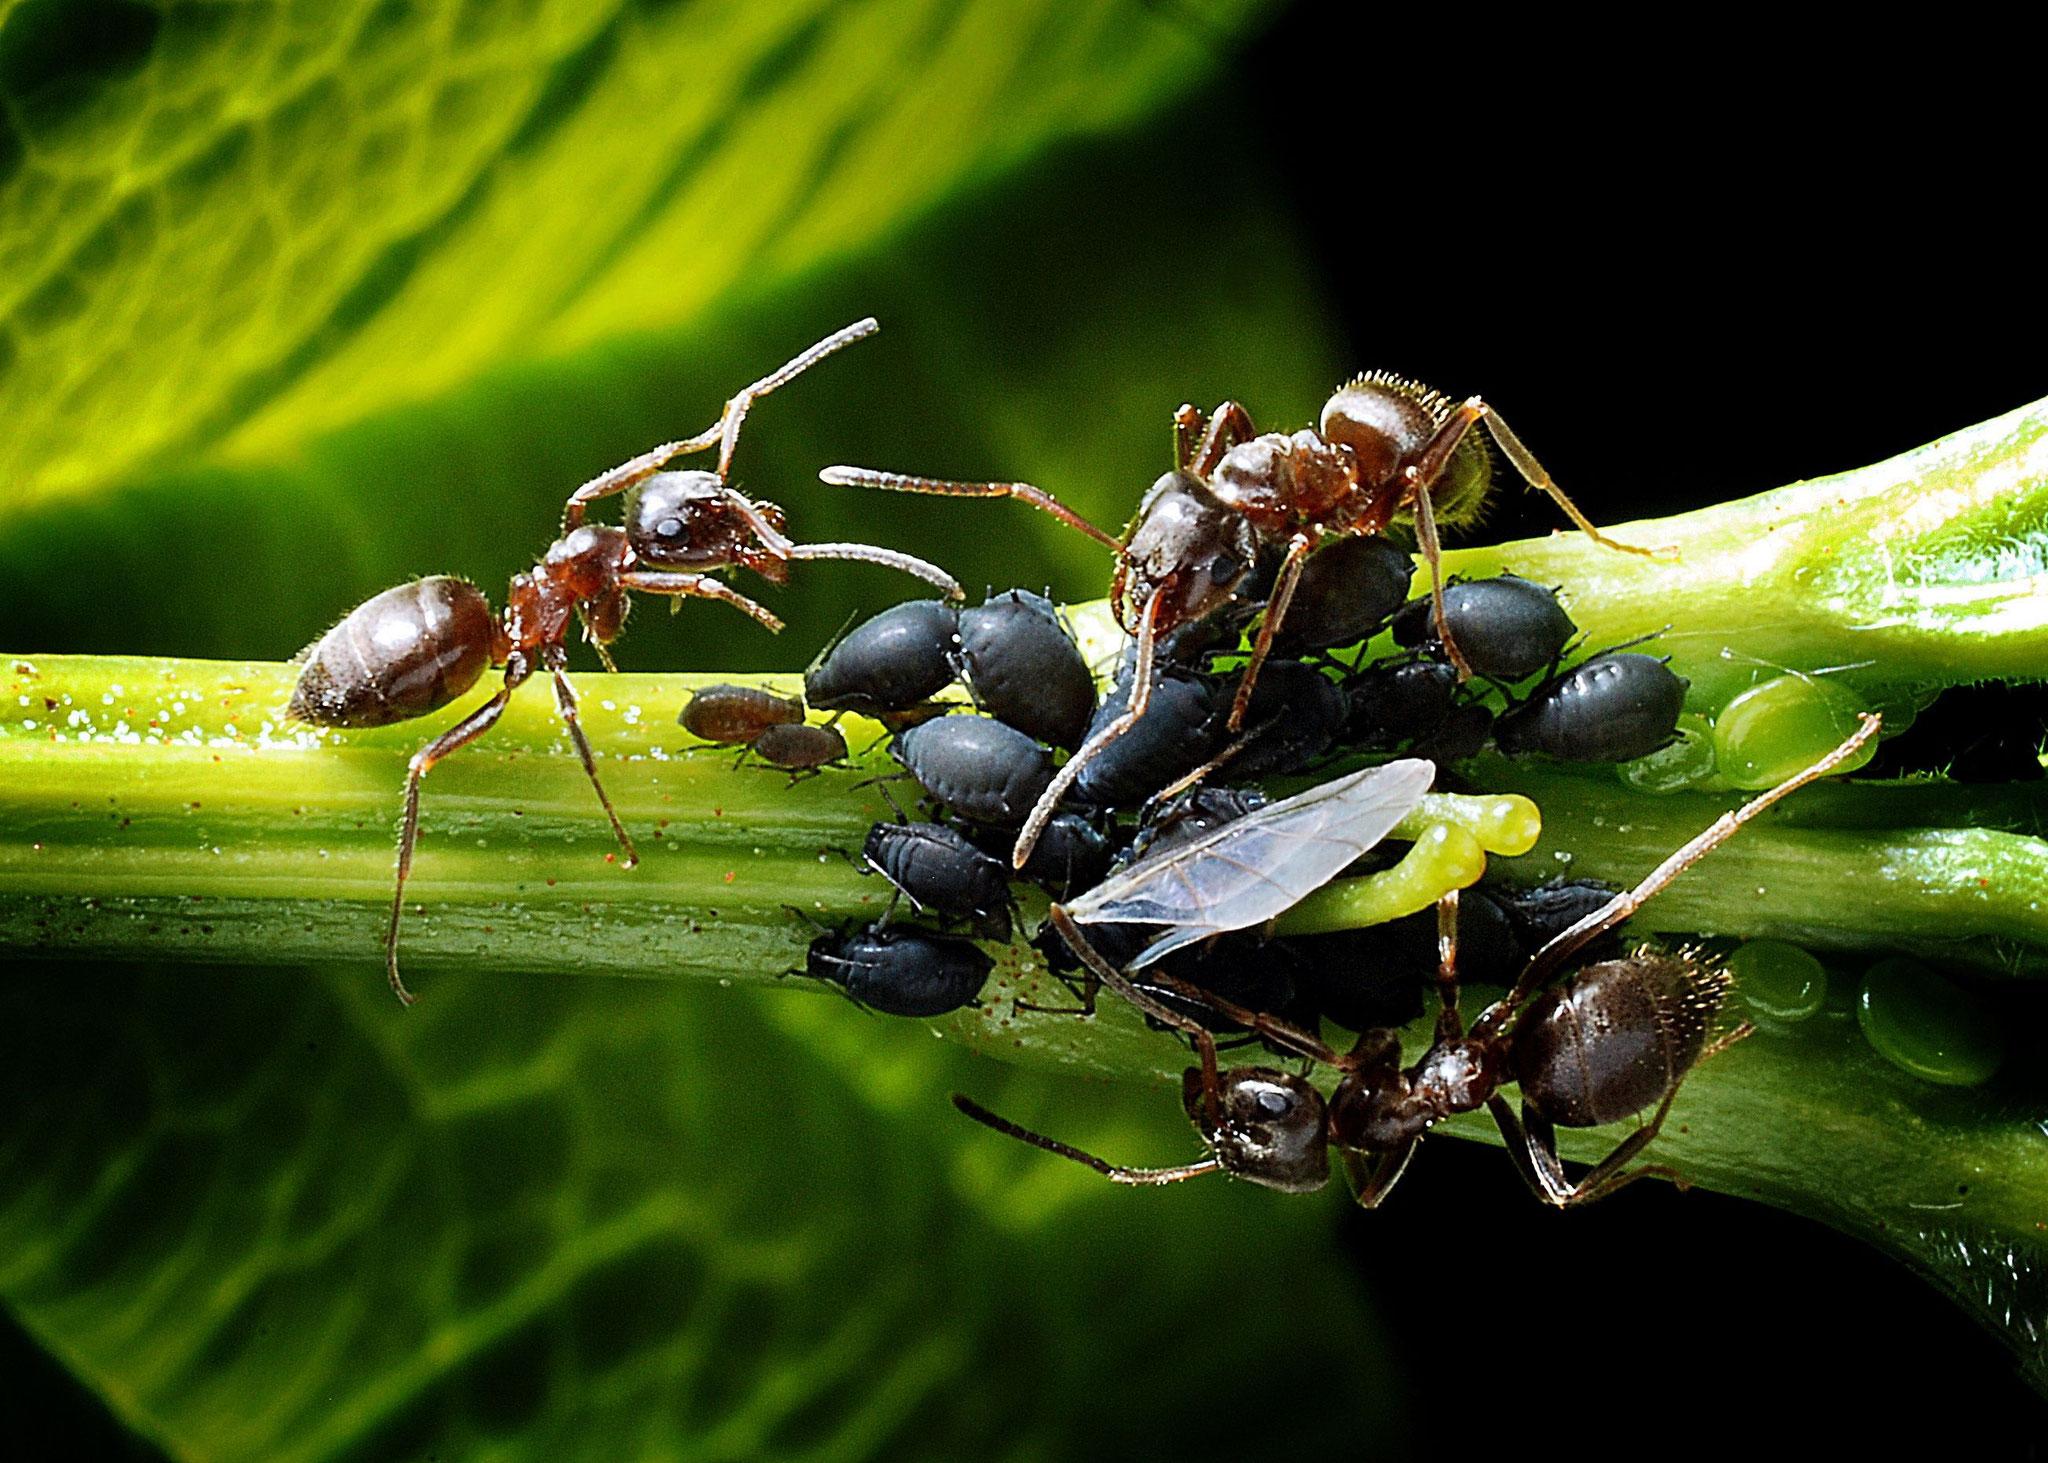 Ameisen melken Blattläuse - und beschützen sie dafür vor Feinden